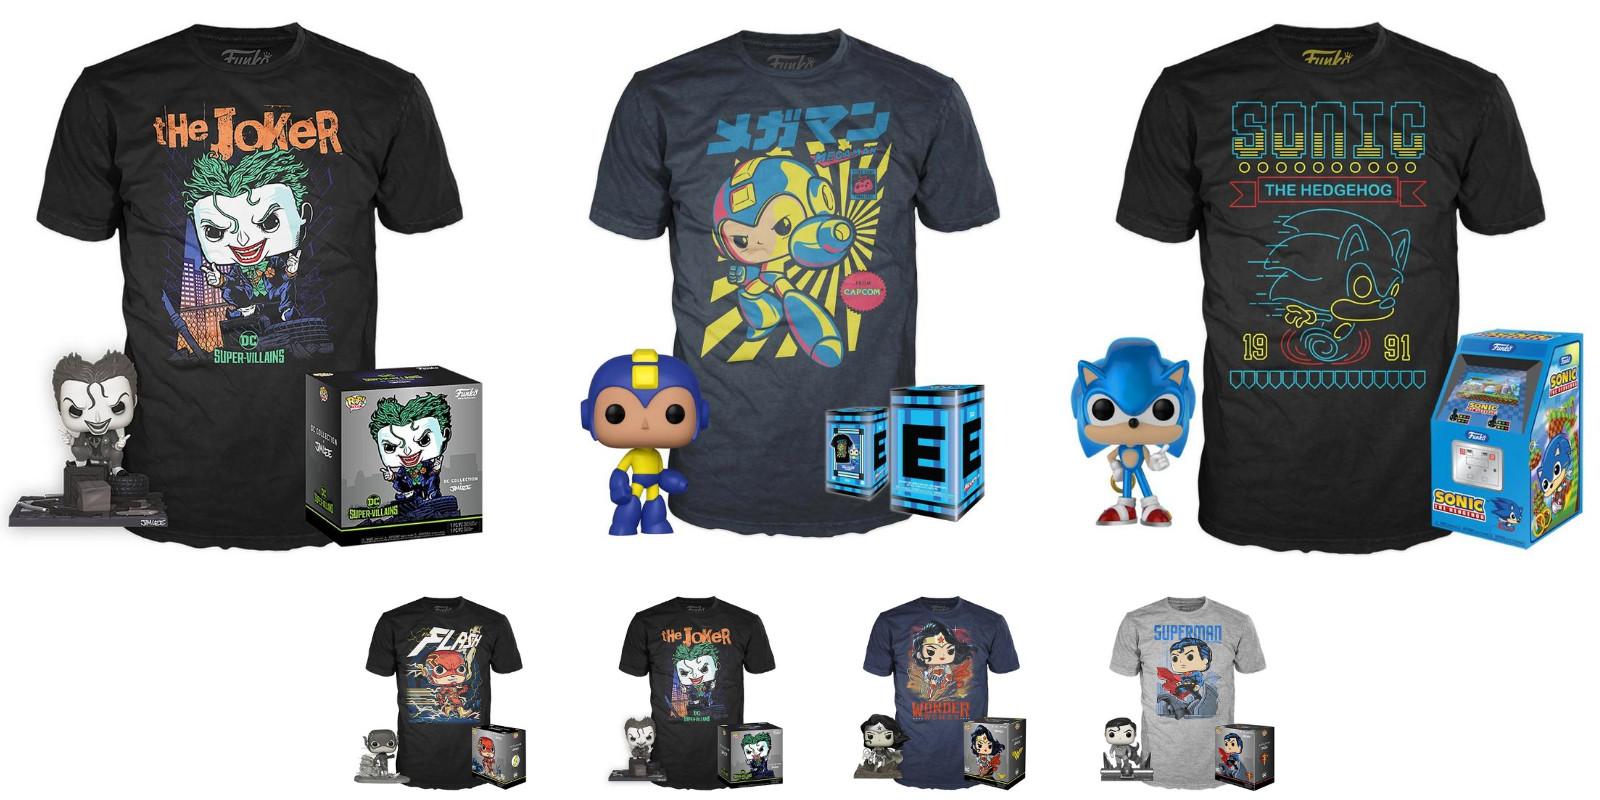 Funko POP! + matching T-shirt for $10: Mega Man, Sonic, Joker, more (Reg. $30)